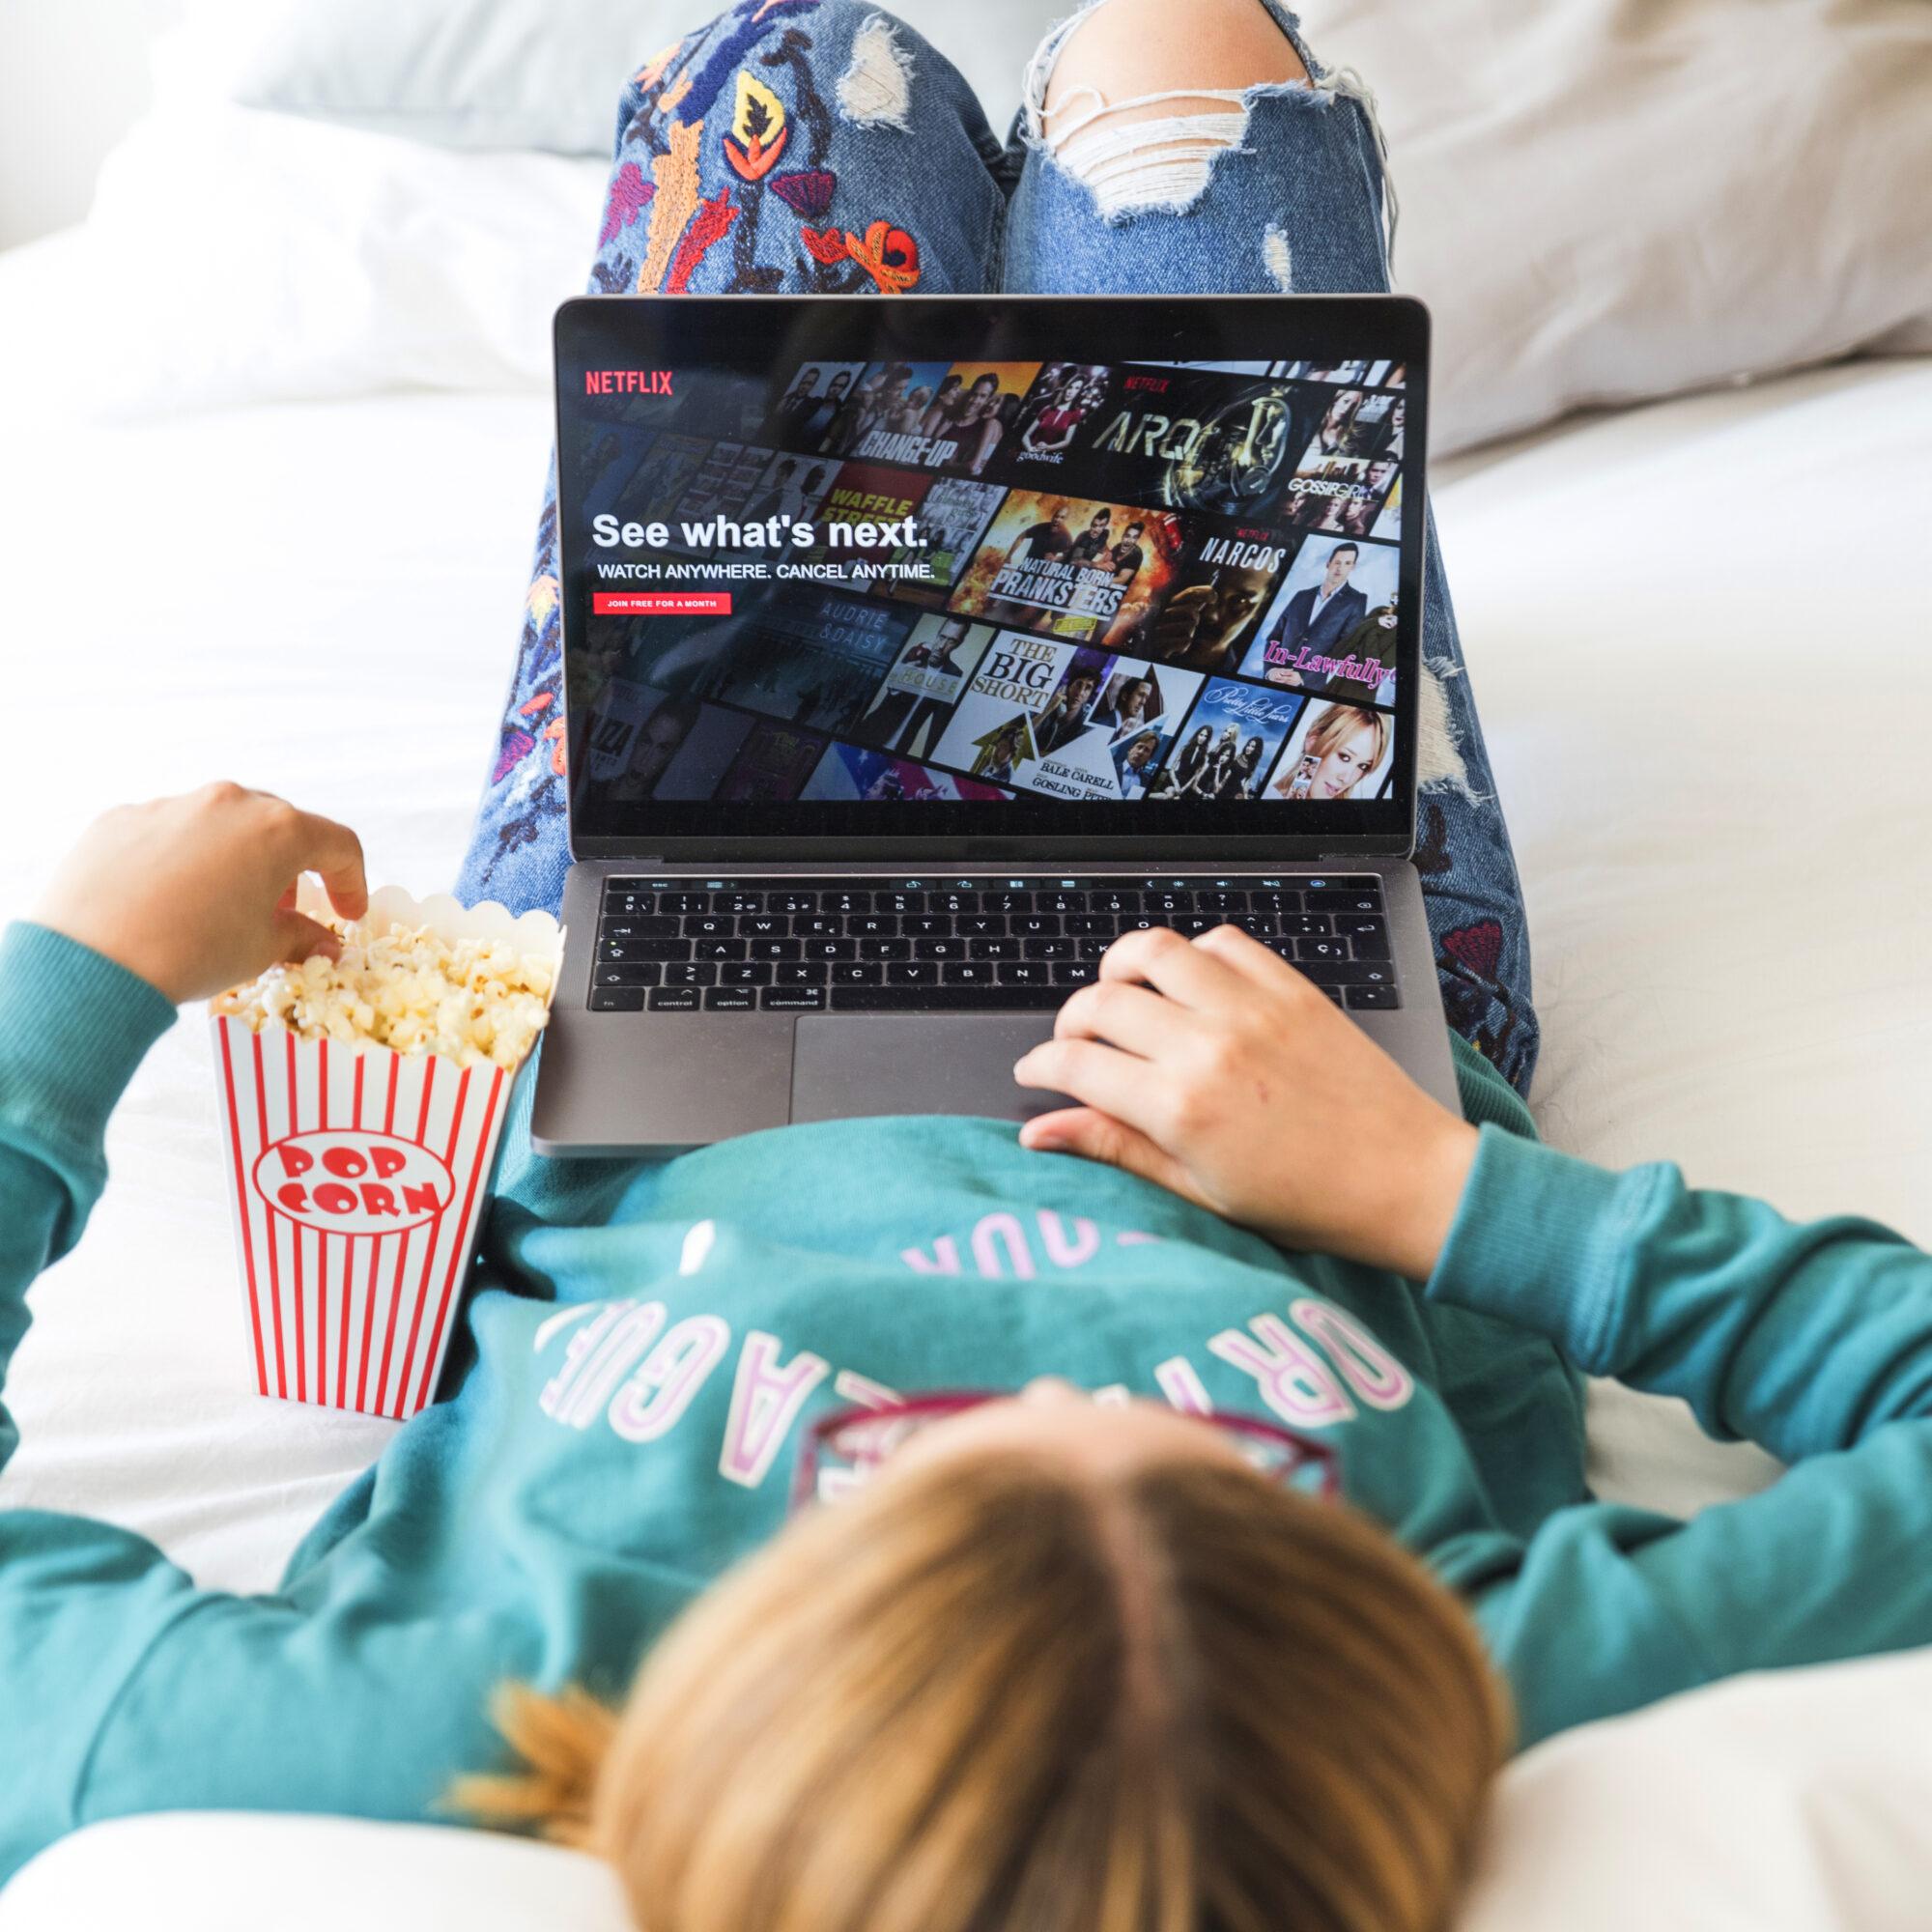 Слухай українською: петиція про українізацію Netflix та Amazon набрала понад 50 тисяч підписів - петиція, кіно, Amazon - 431852 PE7VEG 229 2000x2000